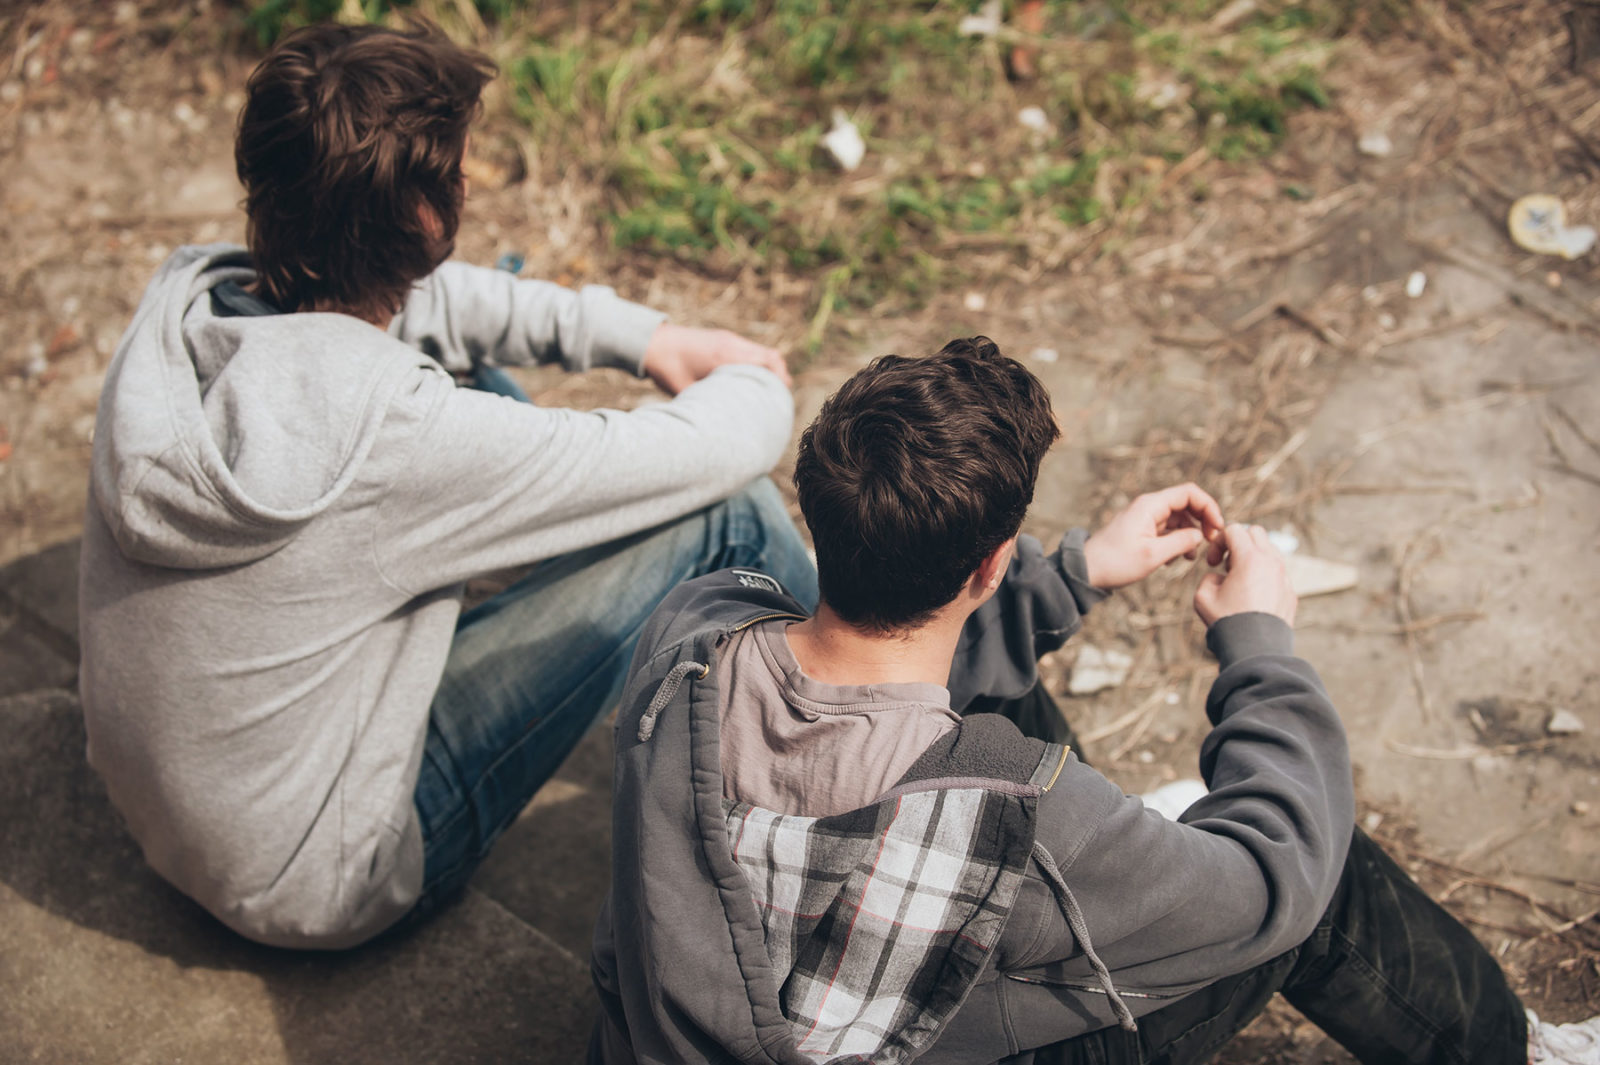 Two men sat talking about suicide